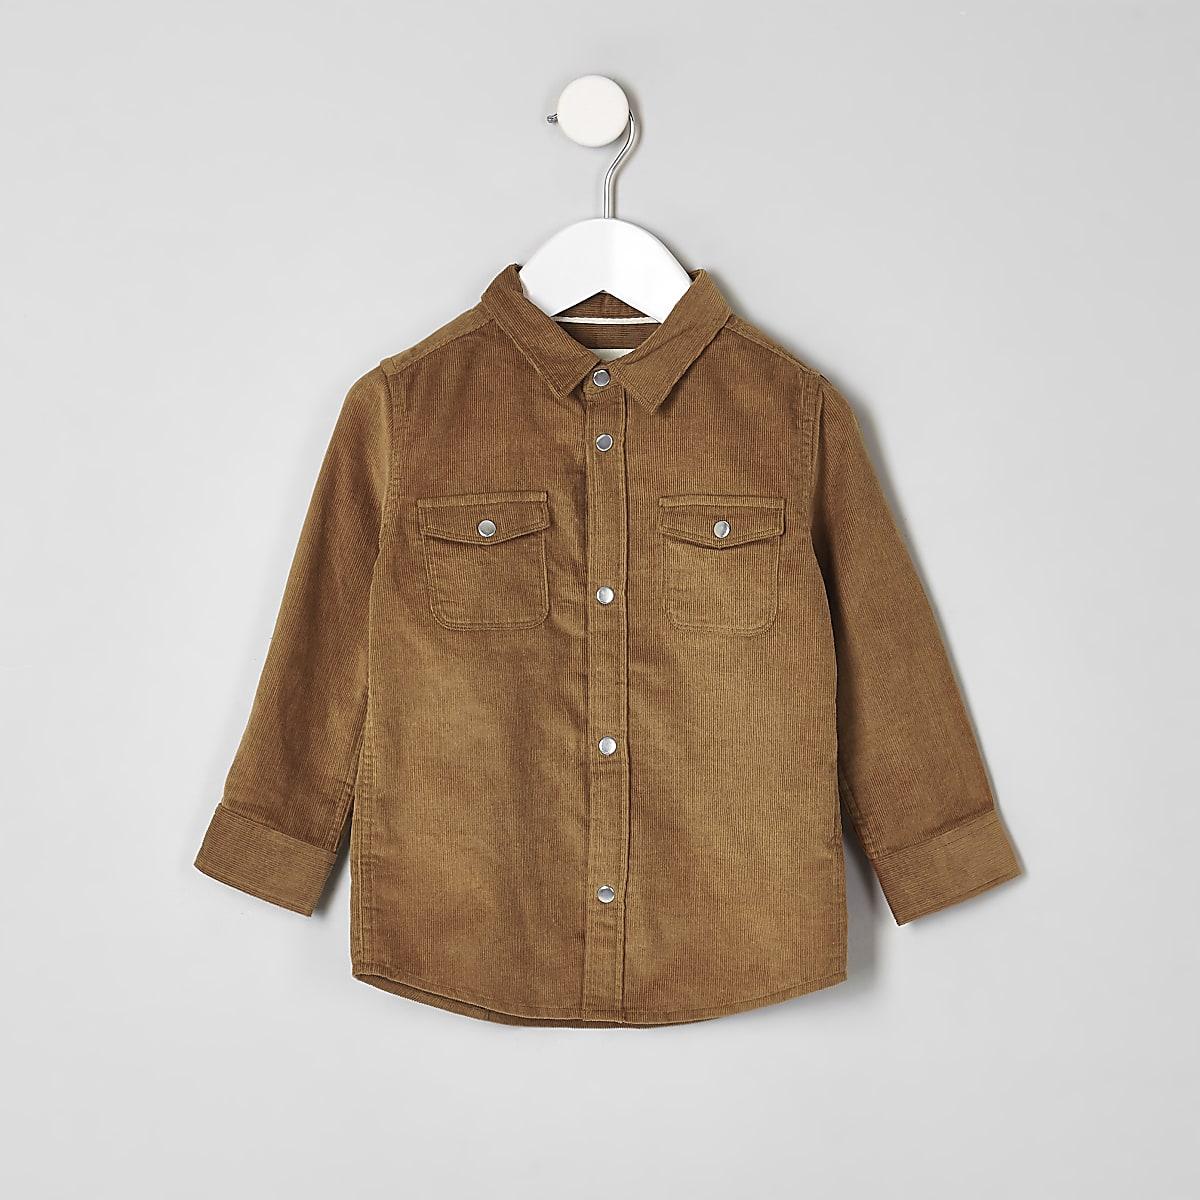 Mini - Lichtbruin corduroy overhemd met lange mouwen voor jongens